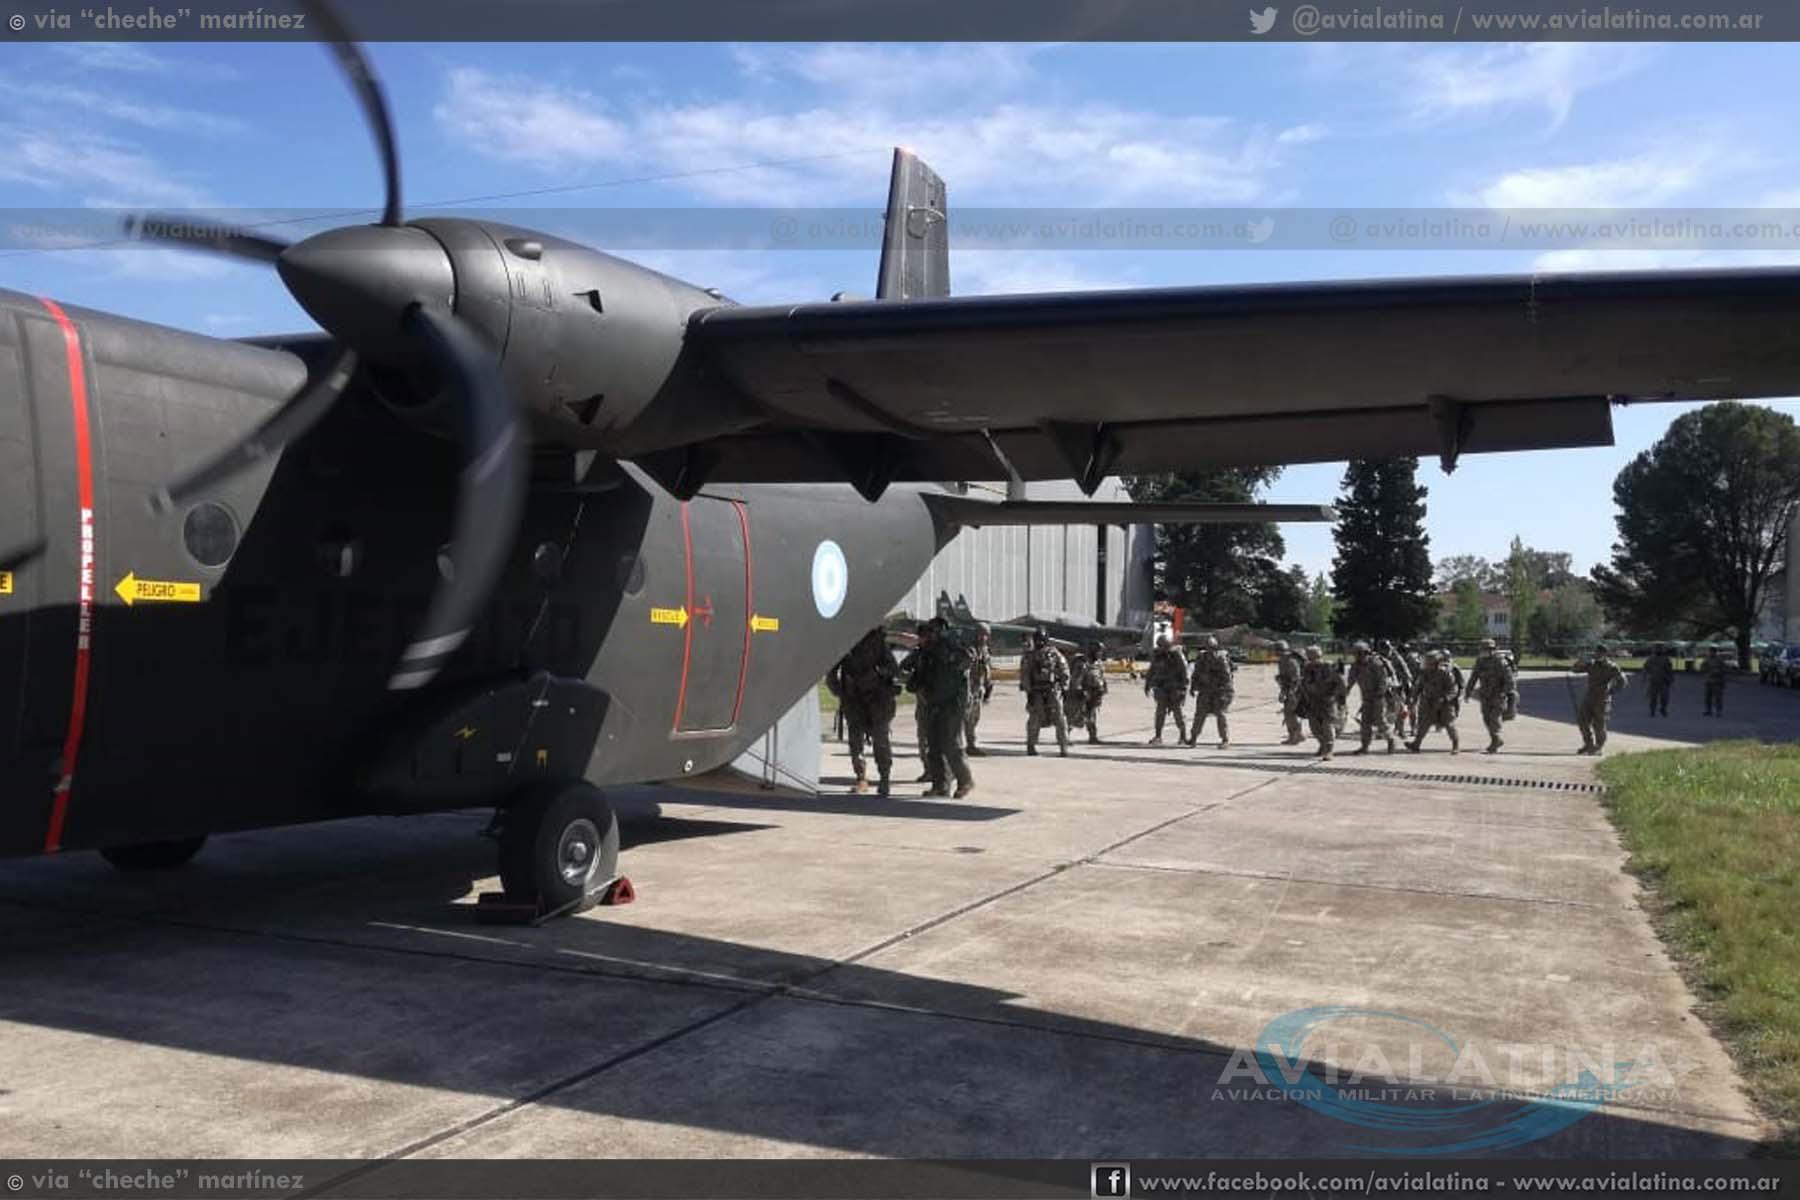 Salto de Paracaidistas con la Aviación de Ejército